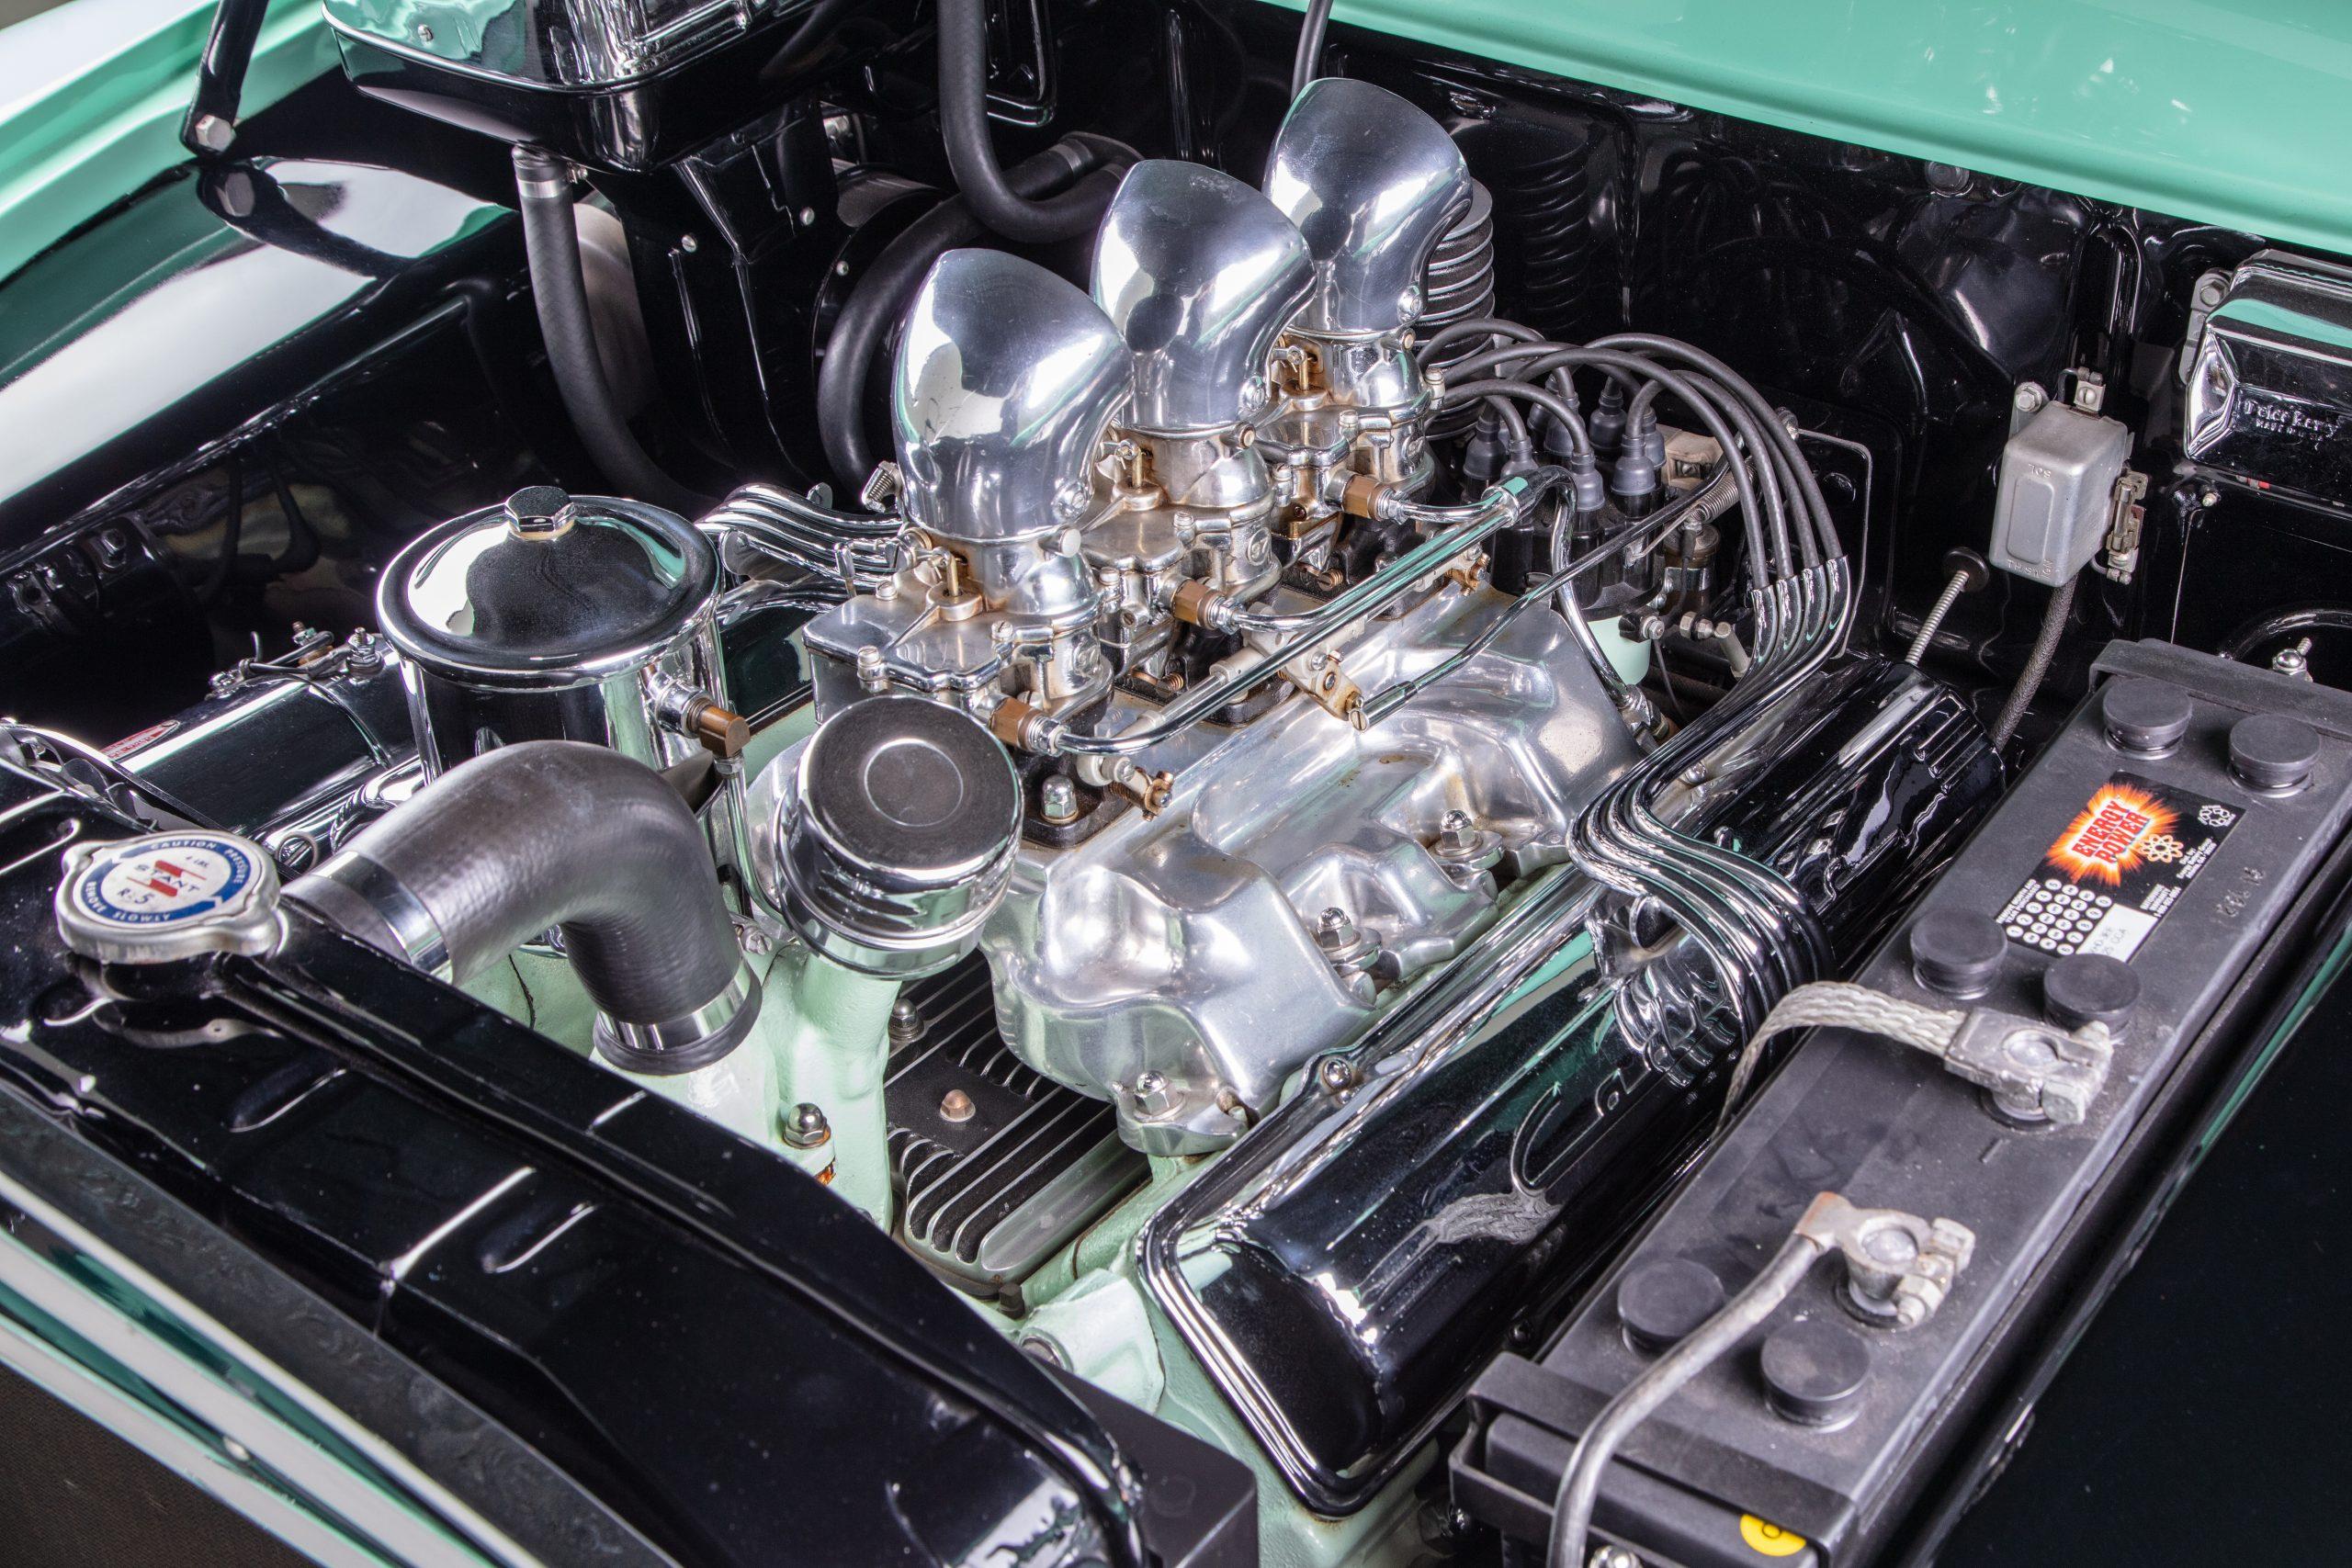 HVA Hirohata Mercury Engine